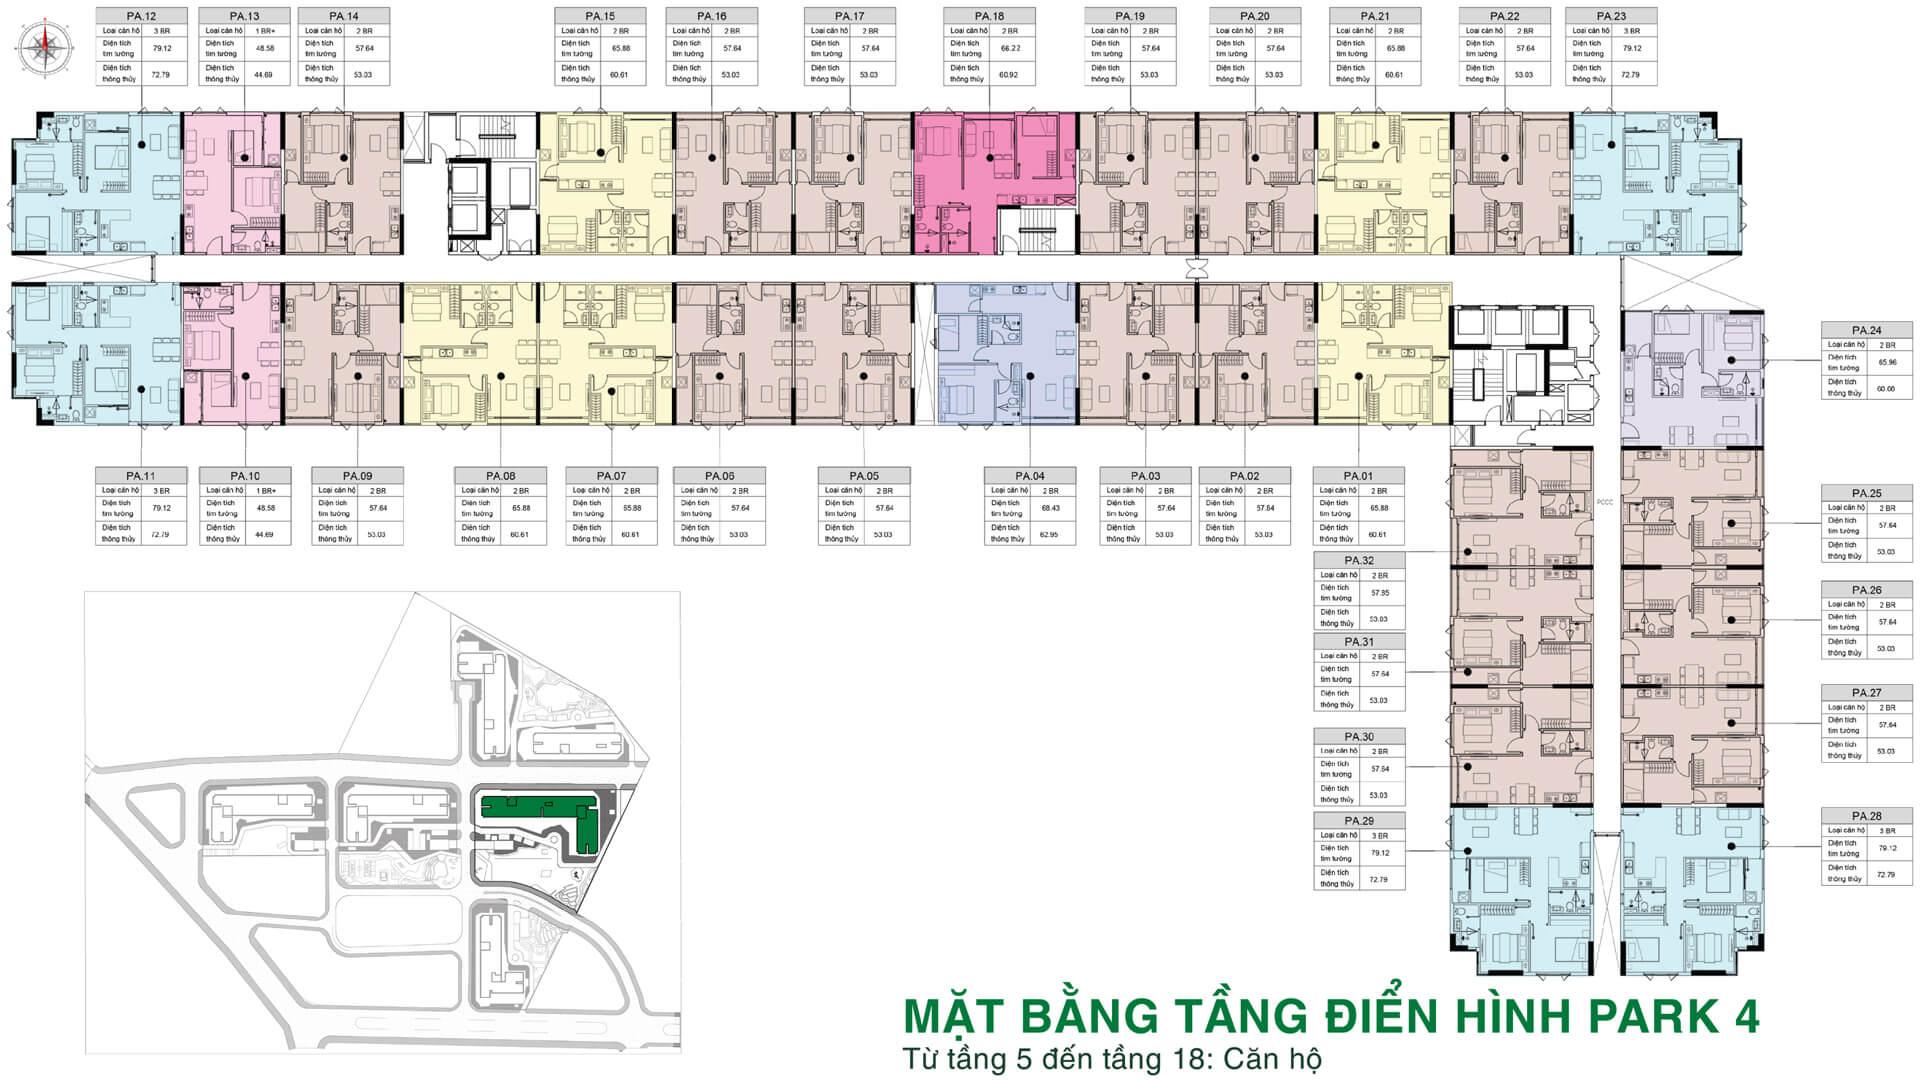 mat-bang-tang-picity-high-park-park4